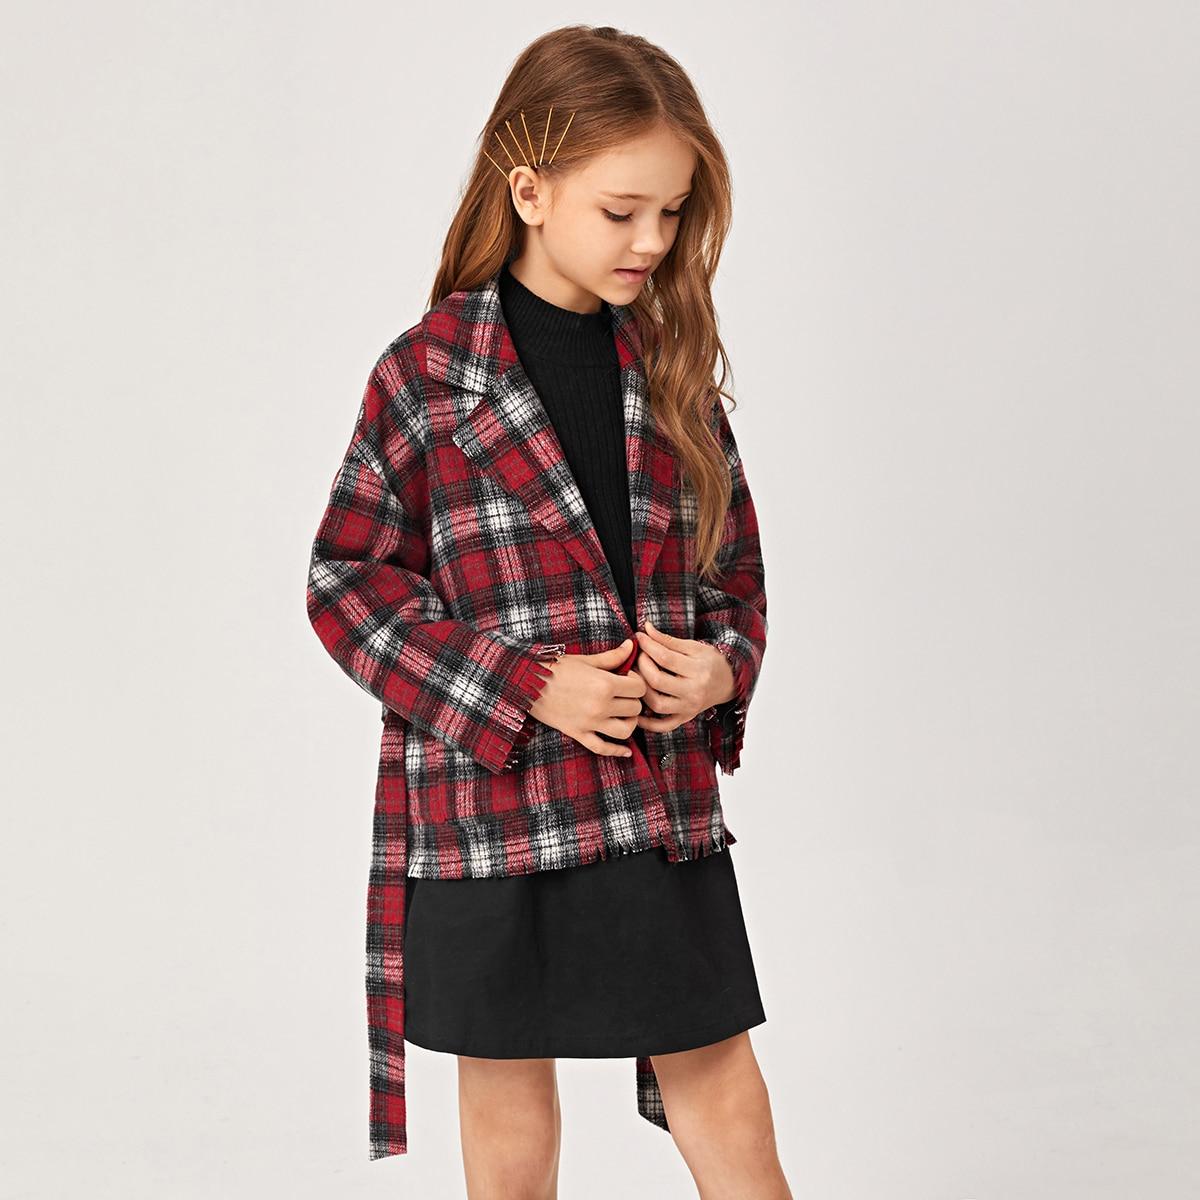 Taschen  Schottenkaros Preppy Mädchen Oberbekleidung